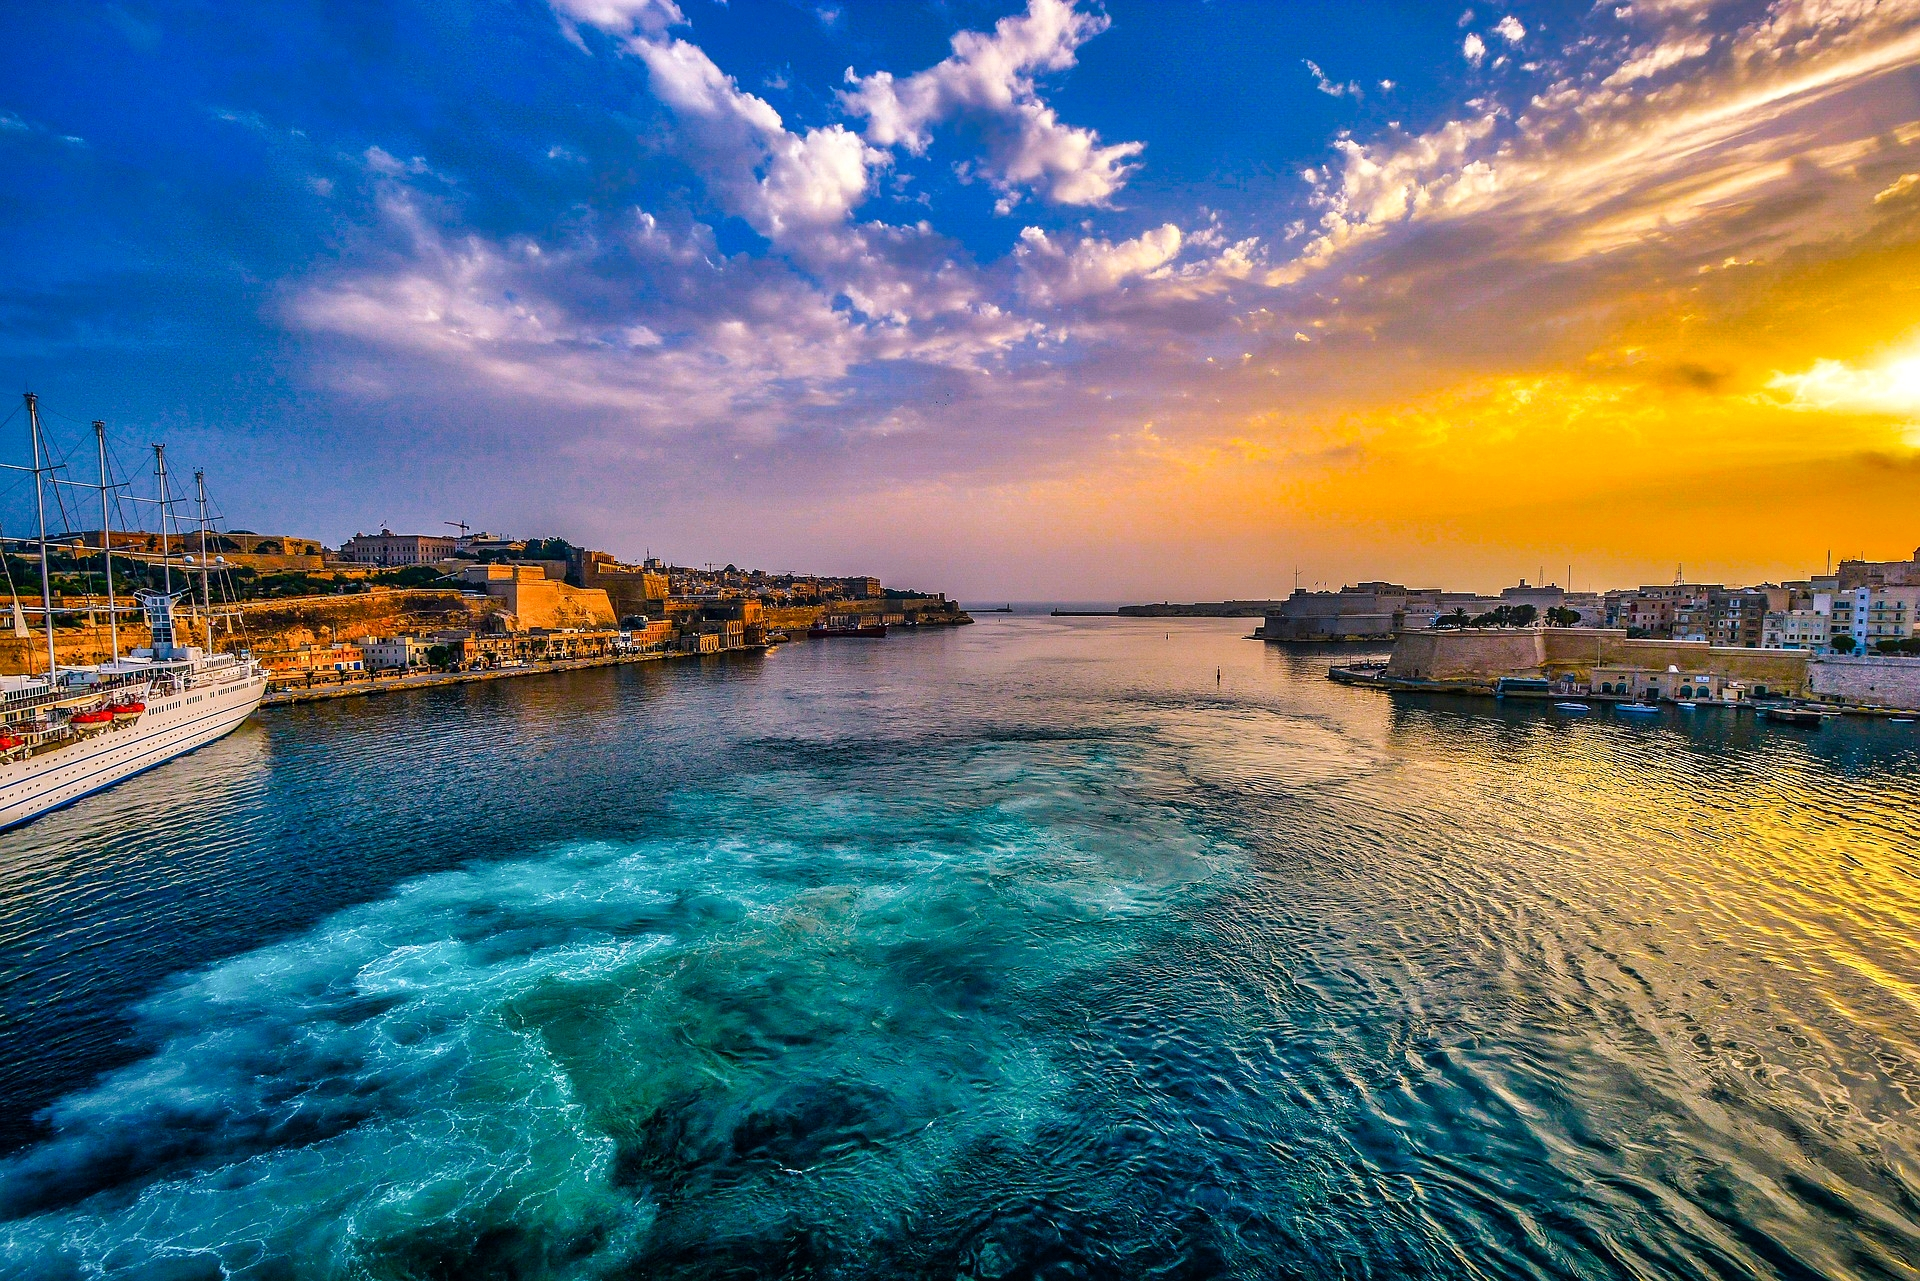 Séjours combinés Sicile & Malteincluant 2 nuits gratuites à Rome